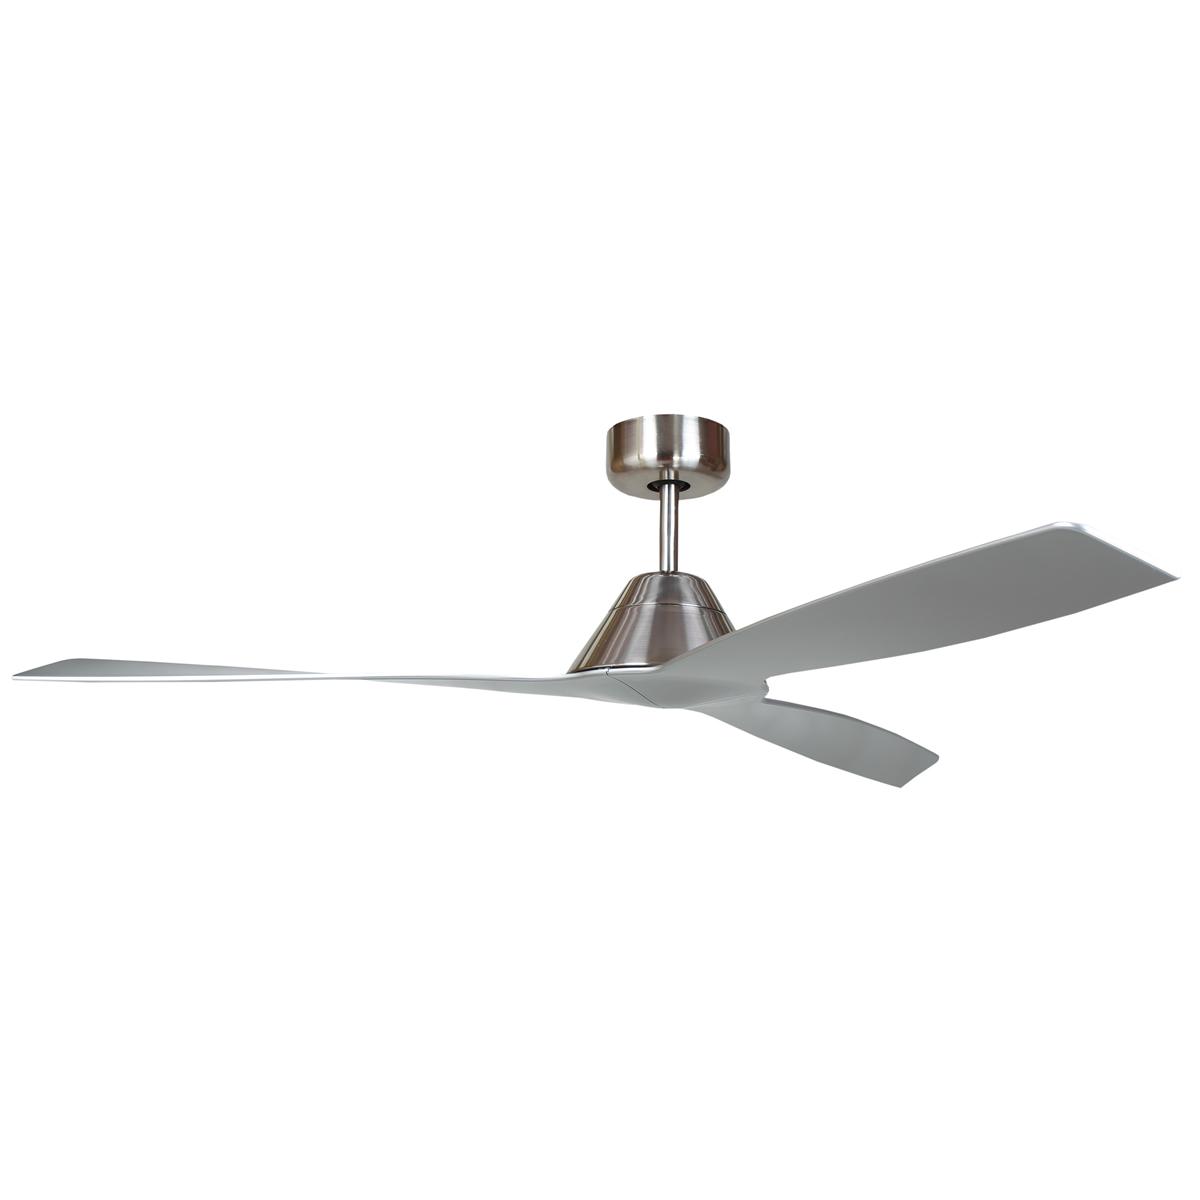 Forte 52 Inch 3 Blade Dc Ceiling Fan Ceiling Fan Specials